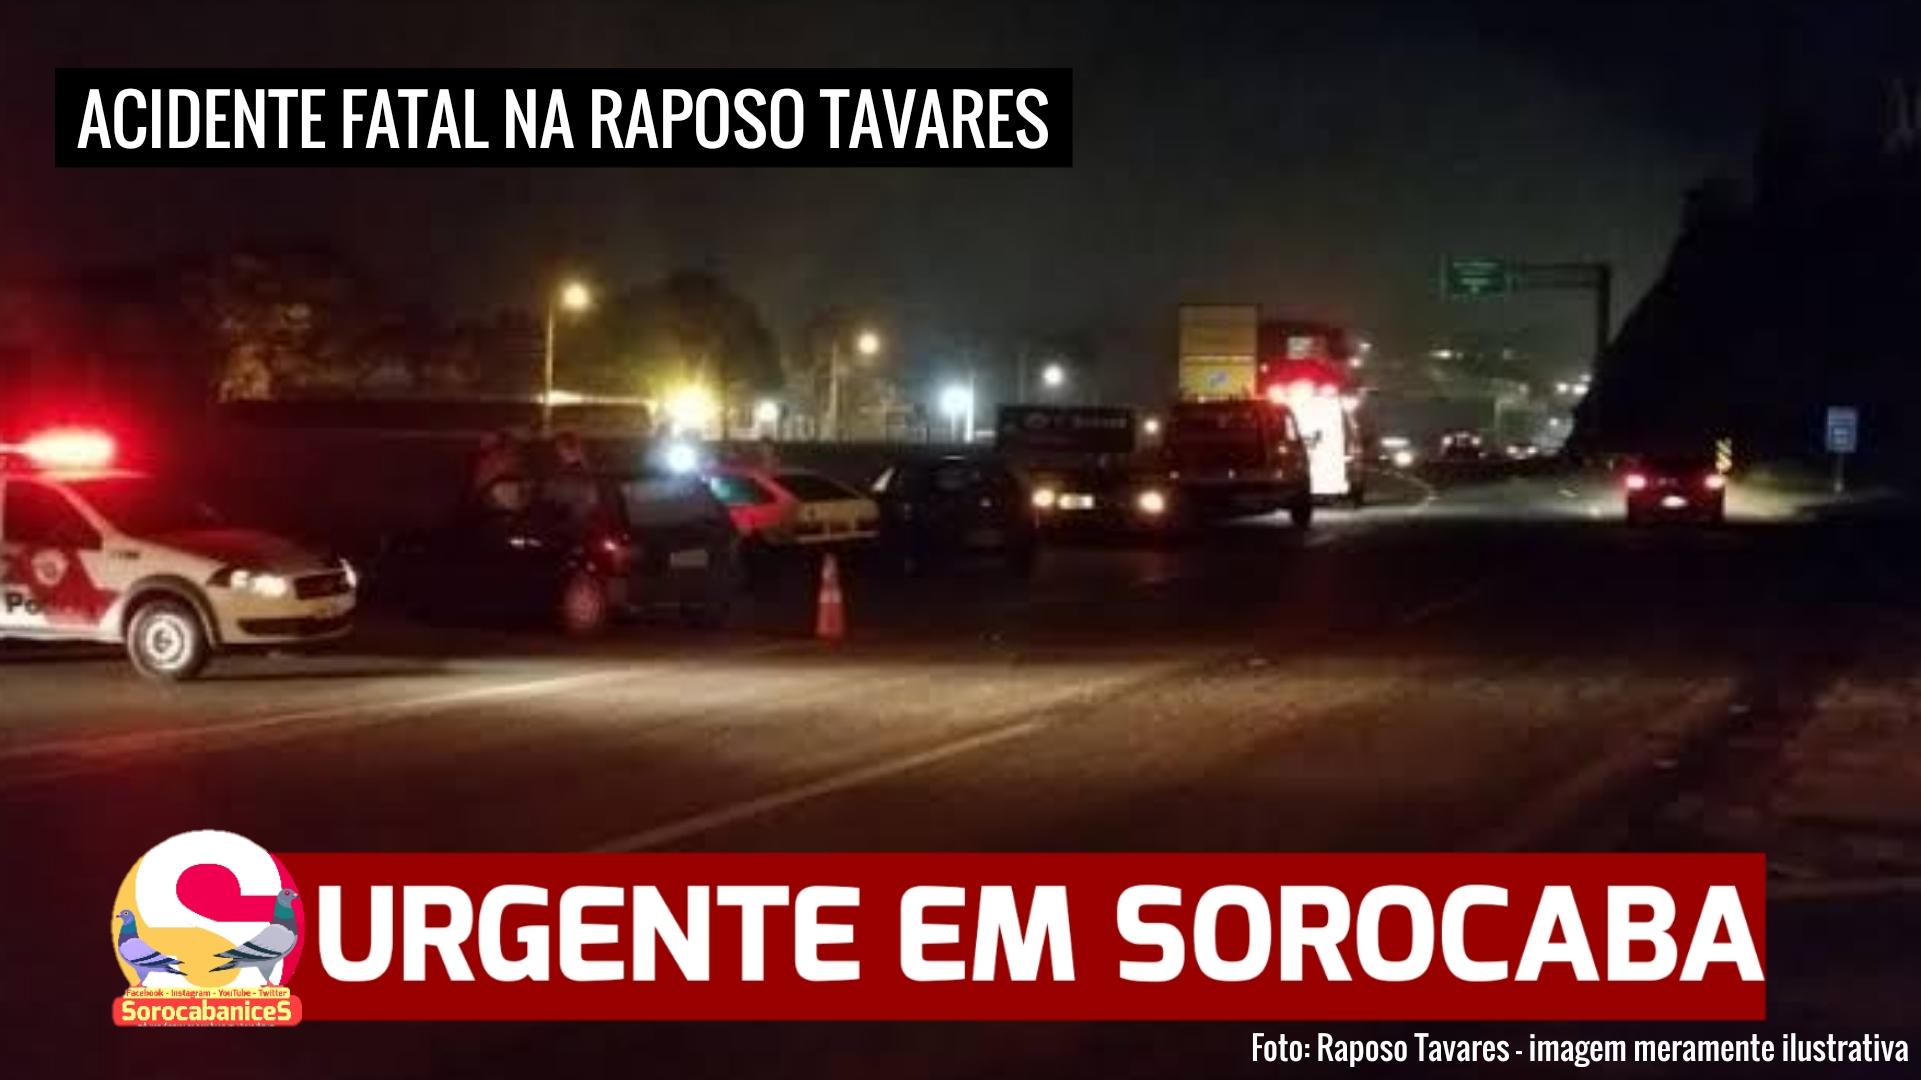 Jovem morre em acidente fatal na rodovia Raposo Tavares em Sorocaba